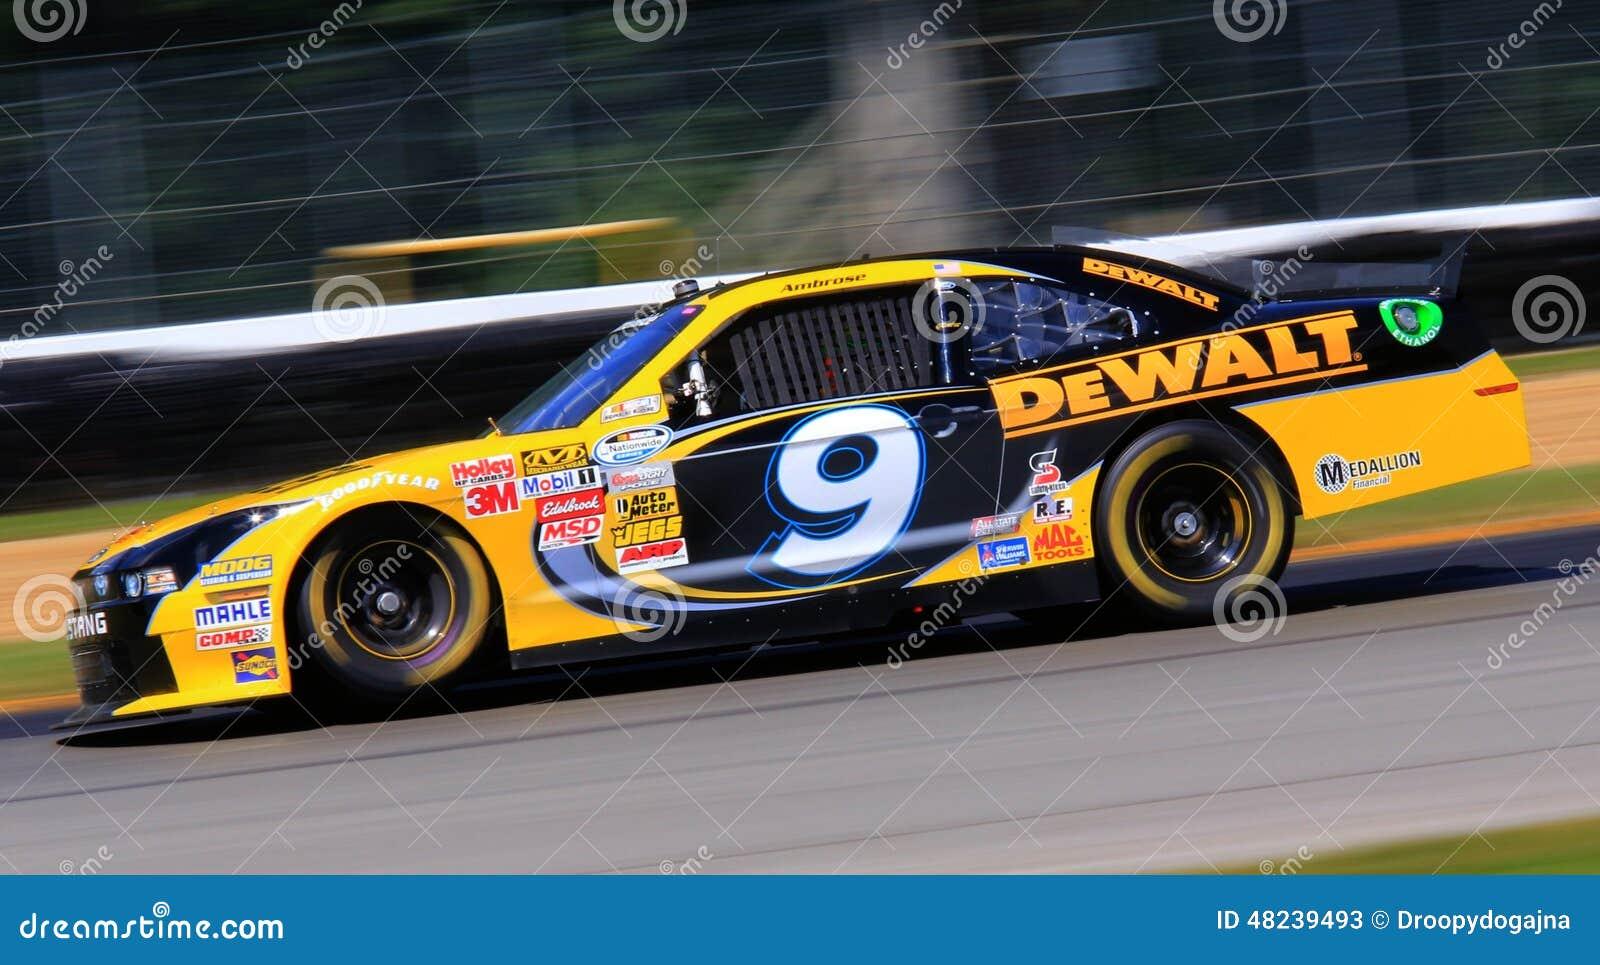 Ford Dealer Homestead >> NASCAR: Nov 18 Ford ECOBOOST 400 Editorial Image | CartoonDealer.com #27757436